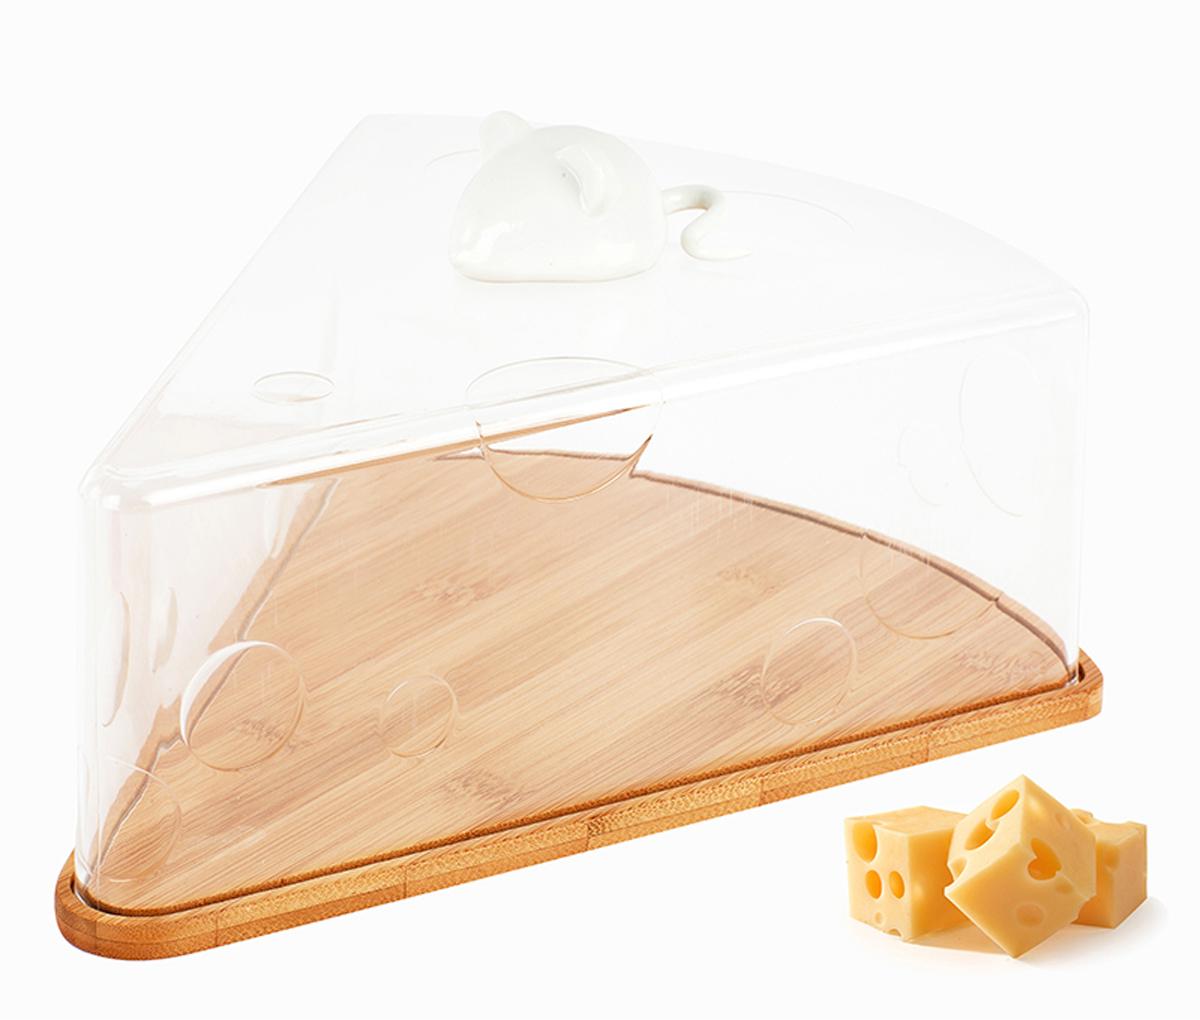 Сырница Balvi I Love Cheese, цвет: прозрачный115510Очень оригинальный и полезный кухонный аксессуар, который не только прекрасно выглядит, но и прекрасно справляется со своей основной задачей. Кусочек свежего сыра будет великолепно смотреться на увесистой подставке из натурального дерева. Сырница имеет крышку в виде треугольного кусочка сыра, изготовленную из акрила. Благодаря натуральной деревянной основе сыр надолго сохранит свои пищевые качества в такой сырнице, а герметичная крышка поможет сохранить аппетитный вид продукта. Подарите сырницу I Love Cheese заботливой хозяйке, которой нравятся функциональные и необычные вещицы. -Уникальный дизайн сырницы в виде большого отрезанного куска сыра-Крышка сырницы изготовлена из прозрачного акрила-Основа сырницы сделана из натурального дерева